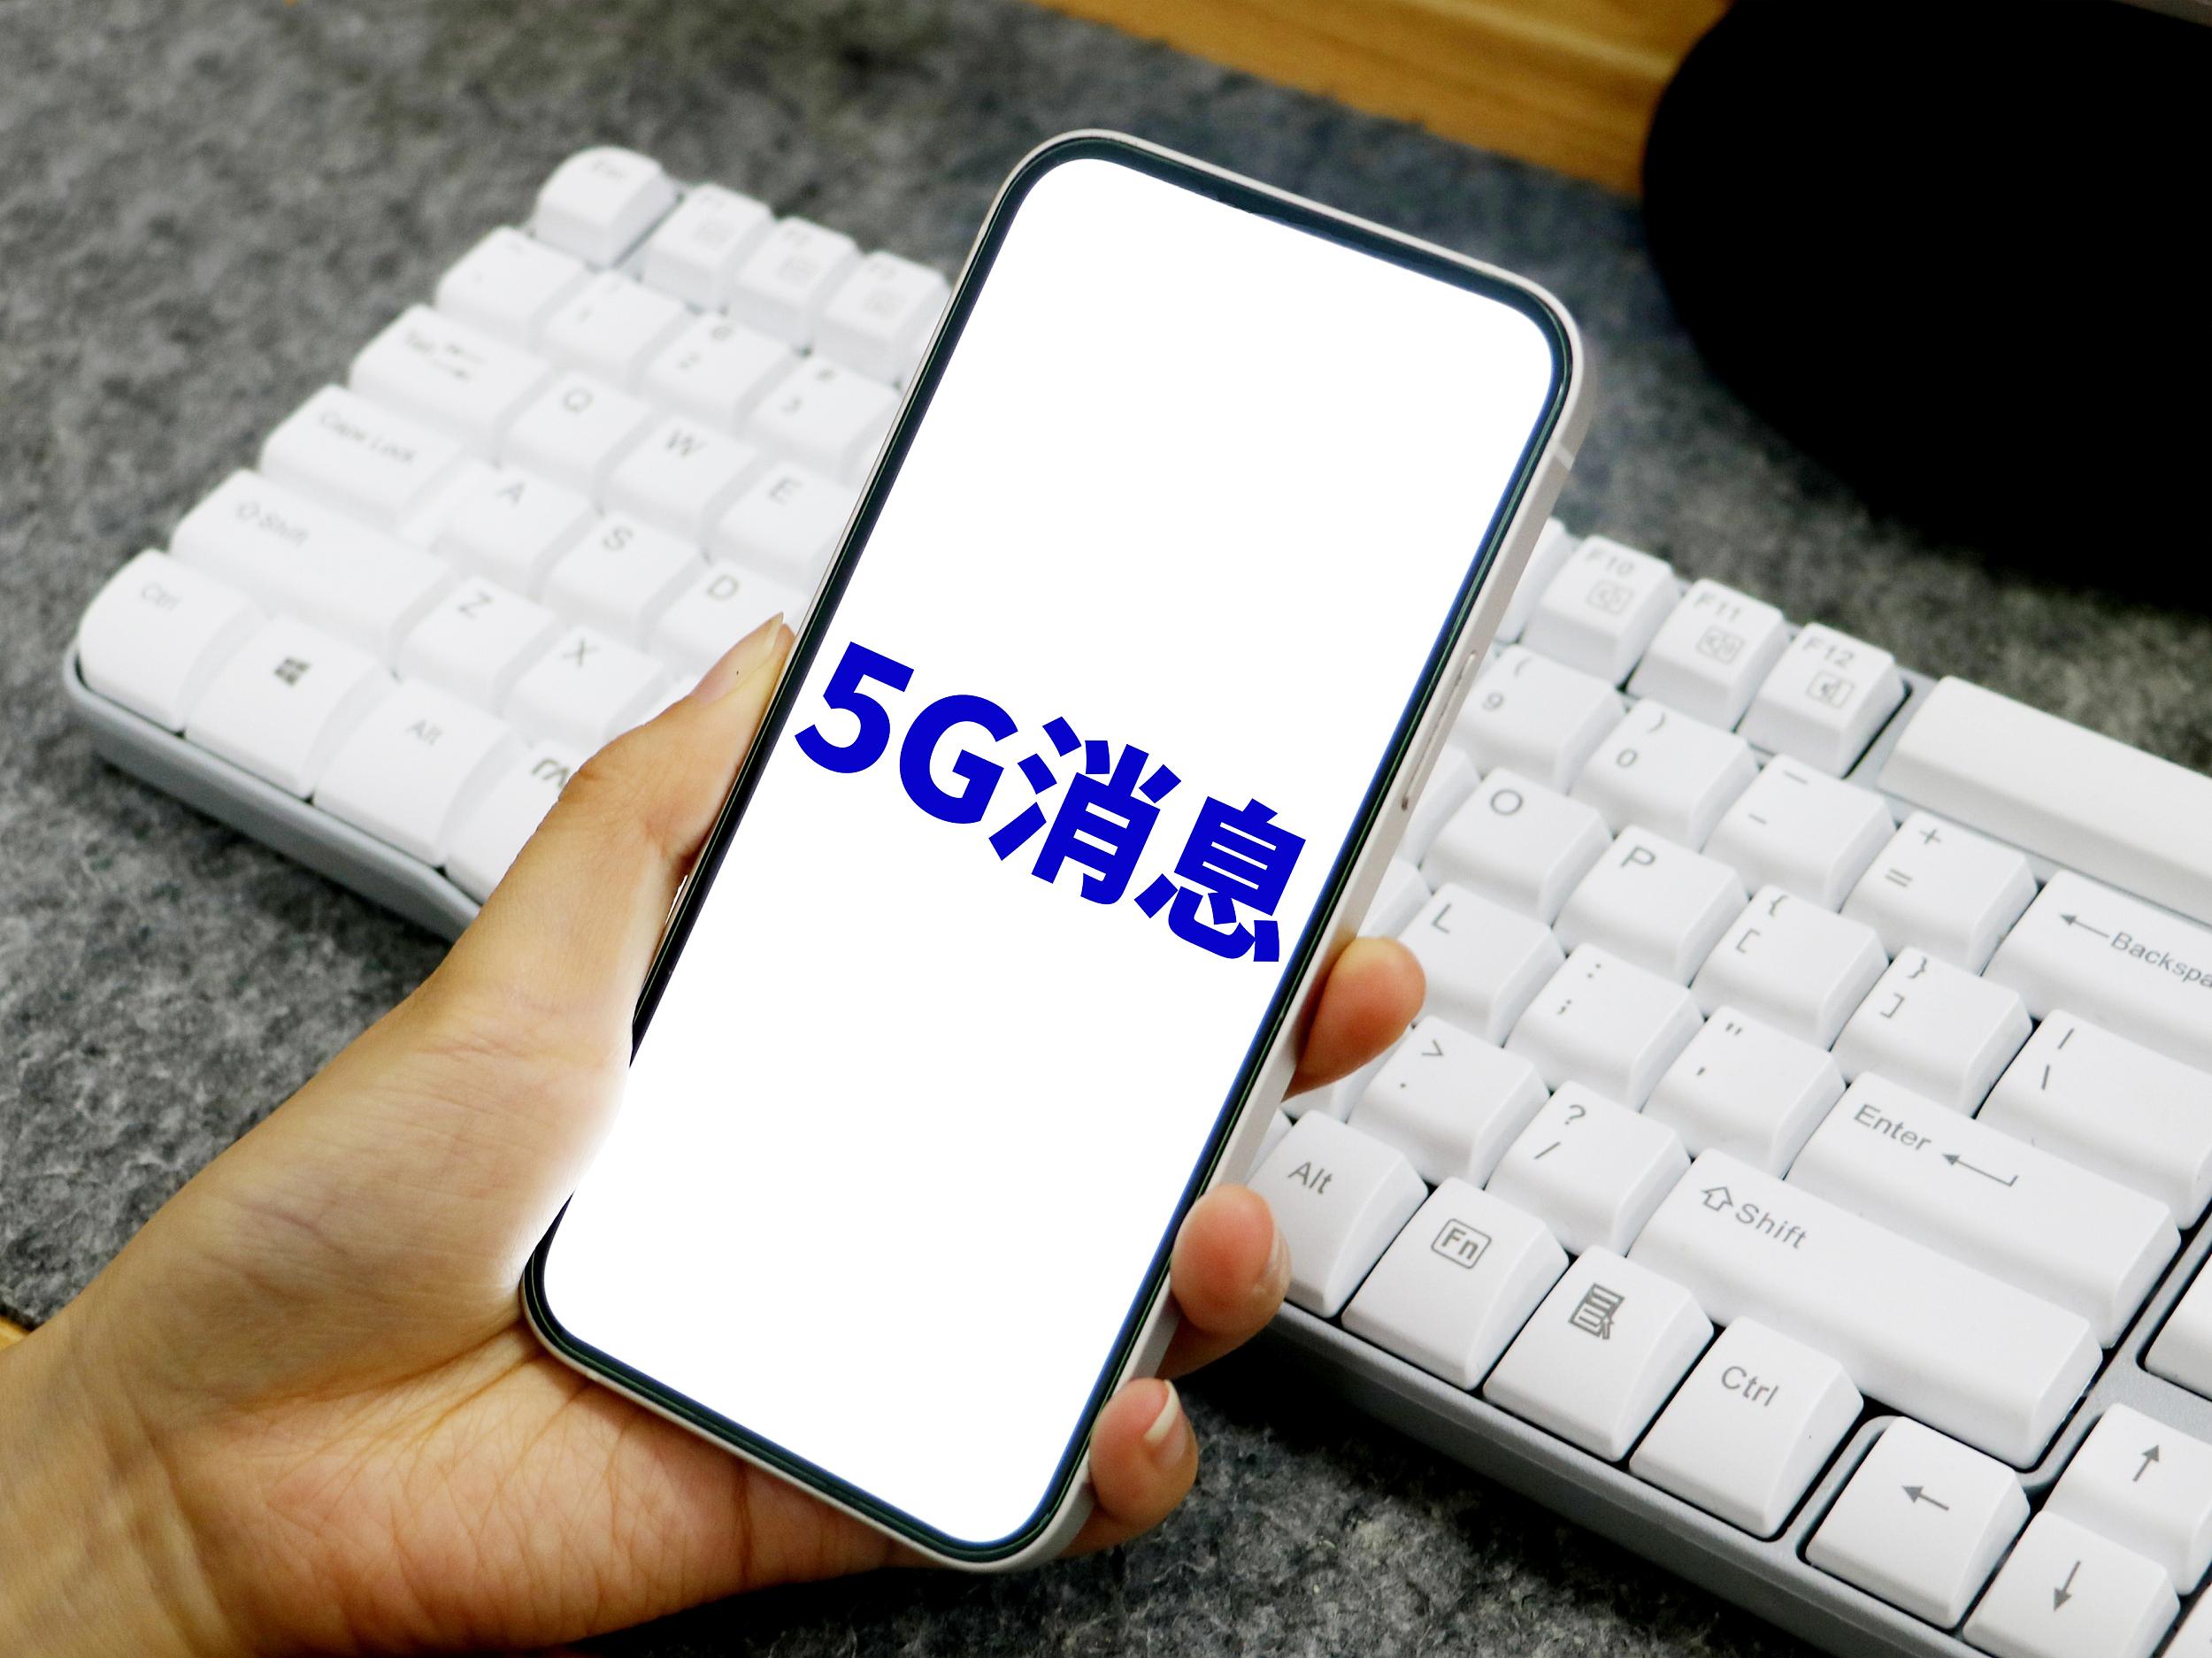 5G消息的生死局